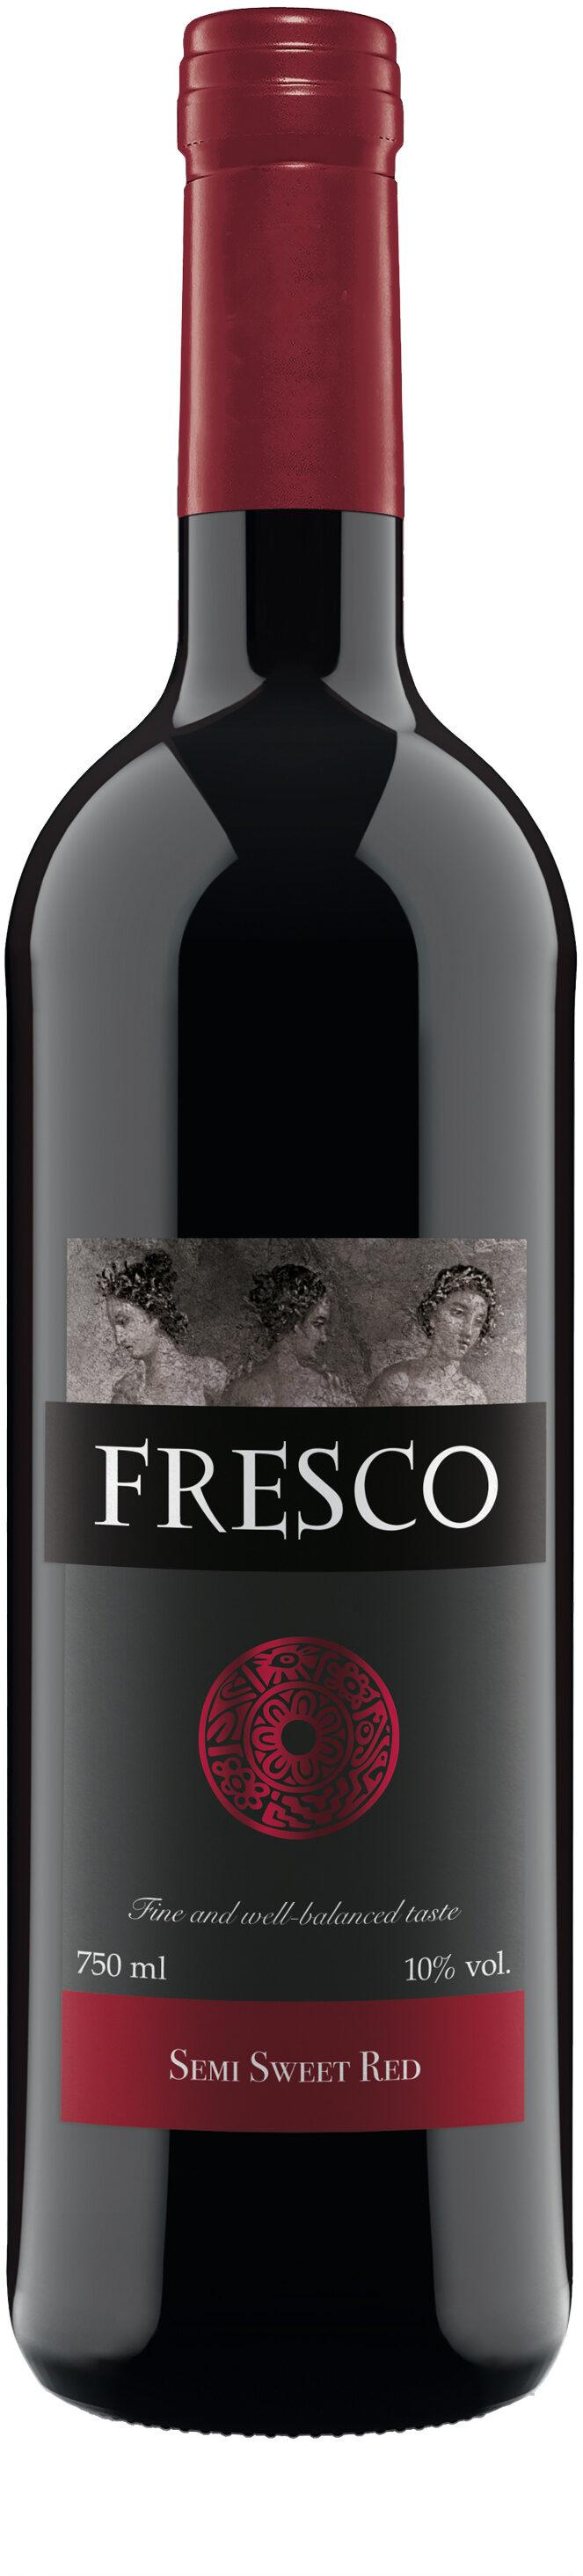 Fresco Semi Sweet Red - Produkt - pl